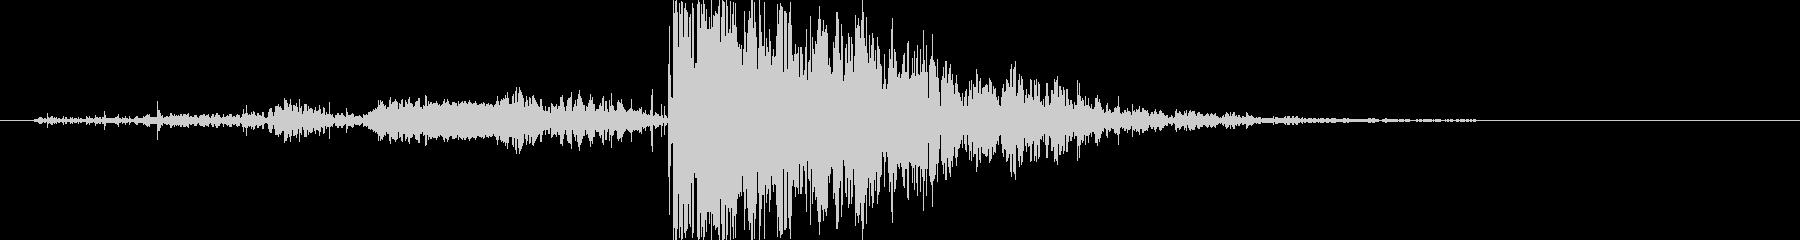 木 ミディアムクラッシュ02の未再生の波形